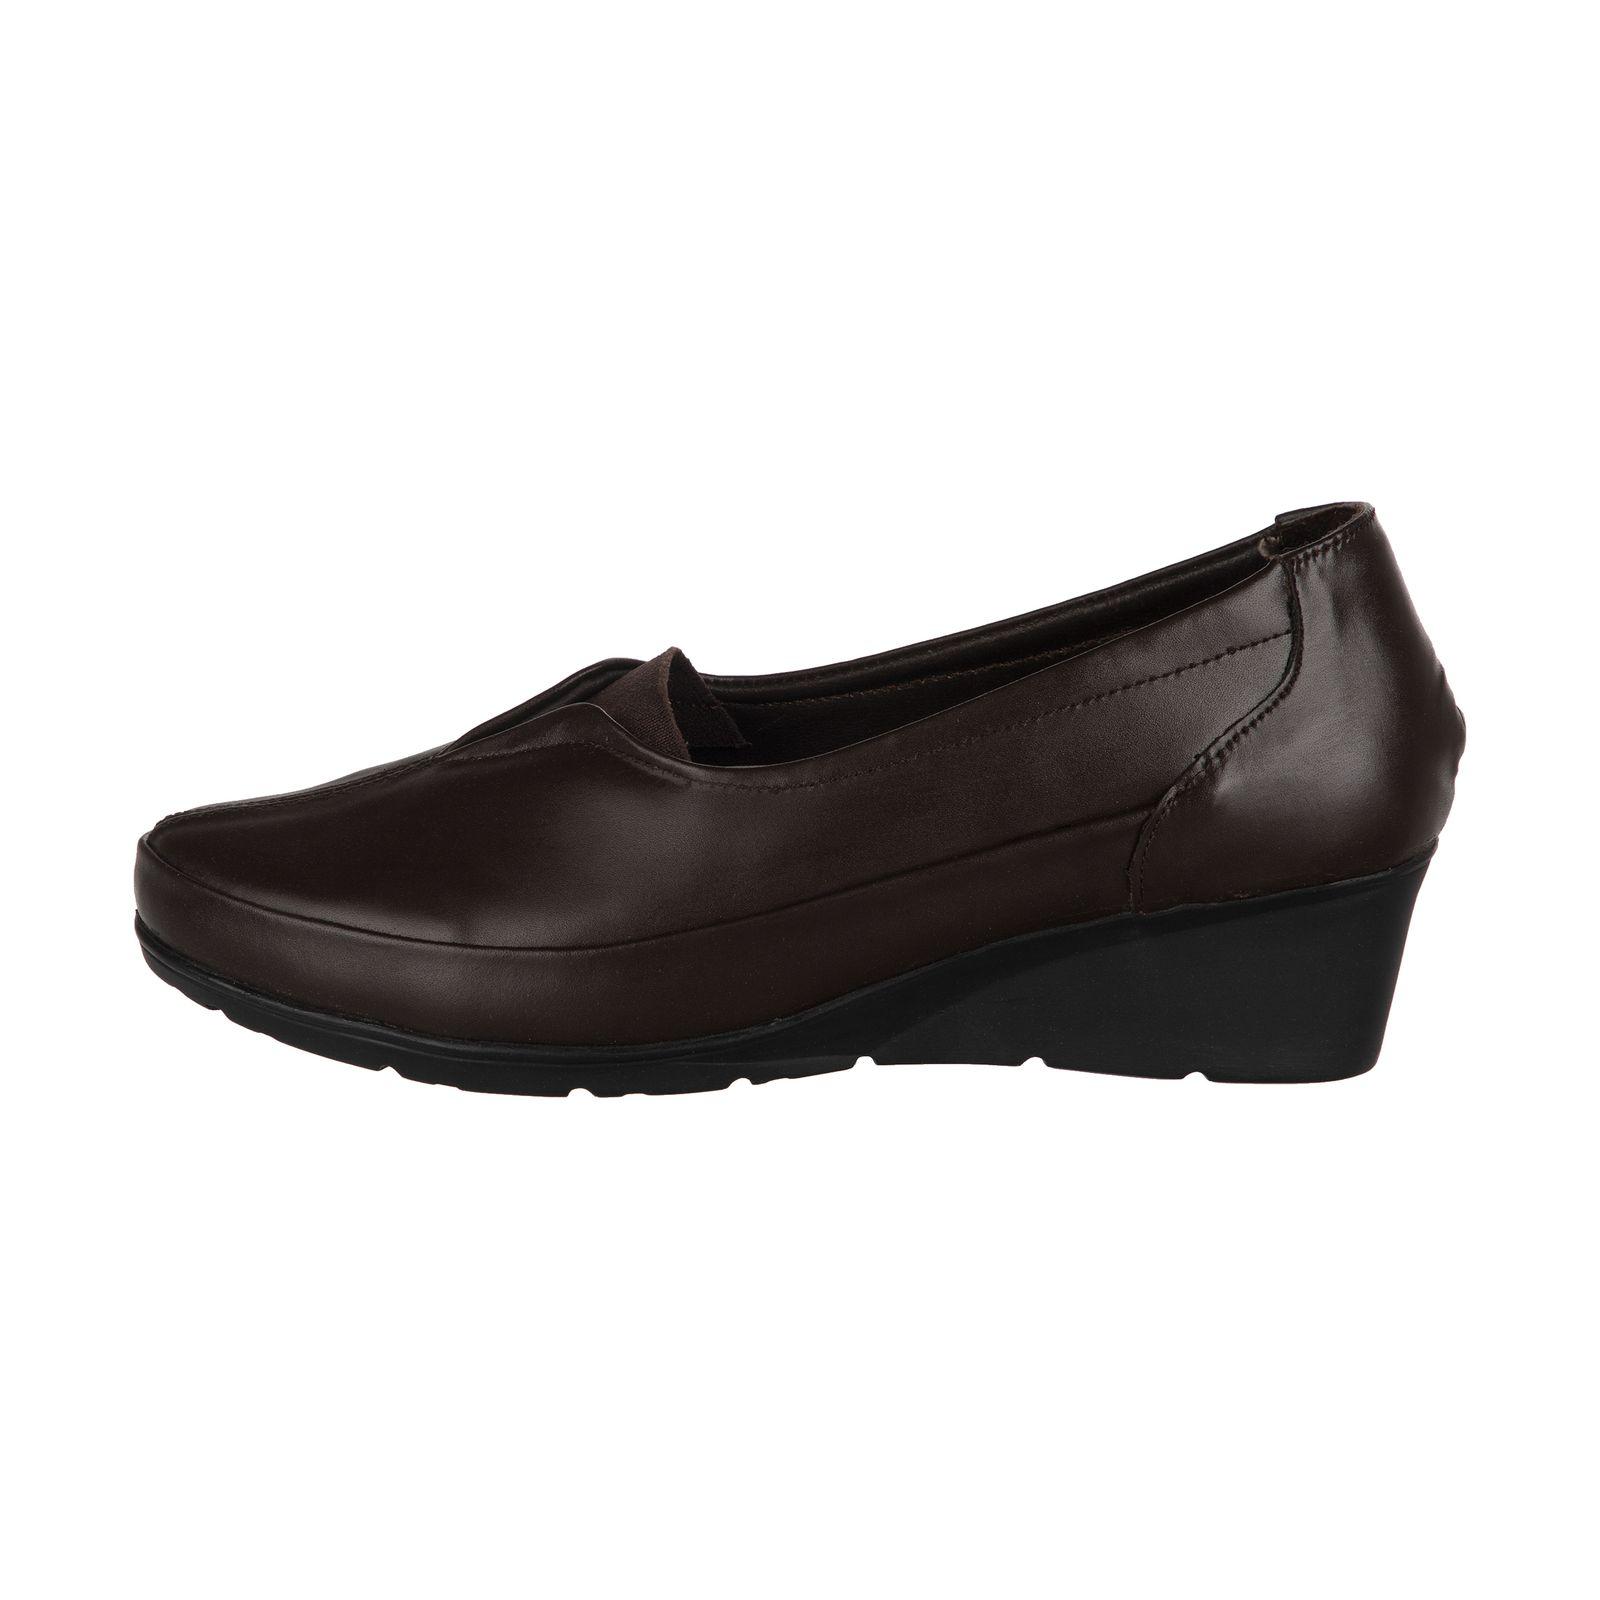 کفش روزمره زنانه سوته مدل 3026C500104 -  - 2